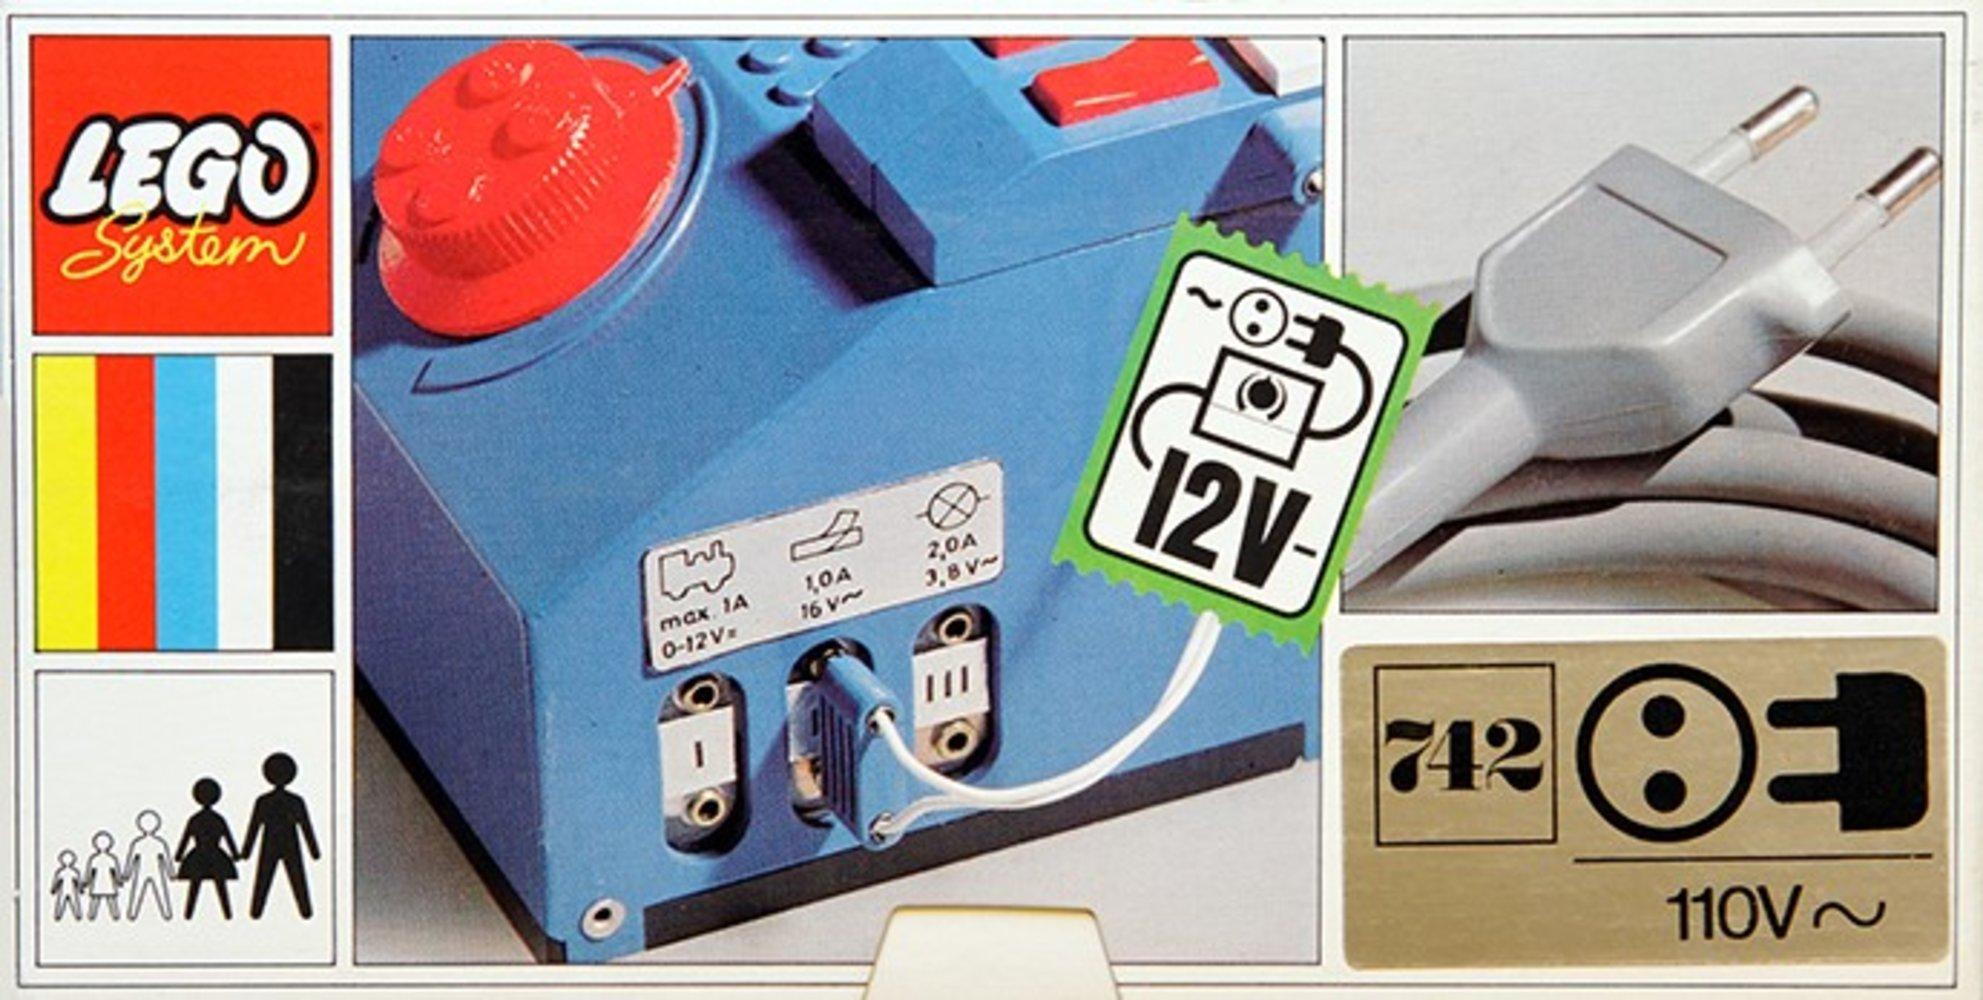 12V New Transformer for 110V Pack